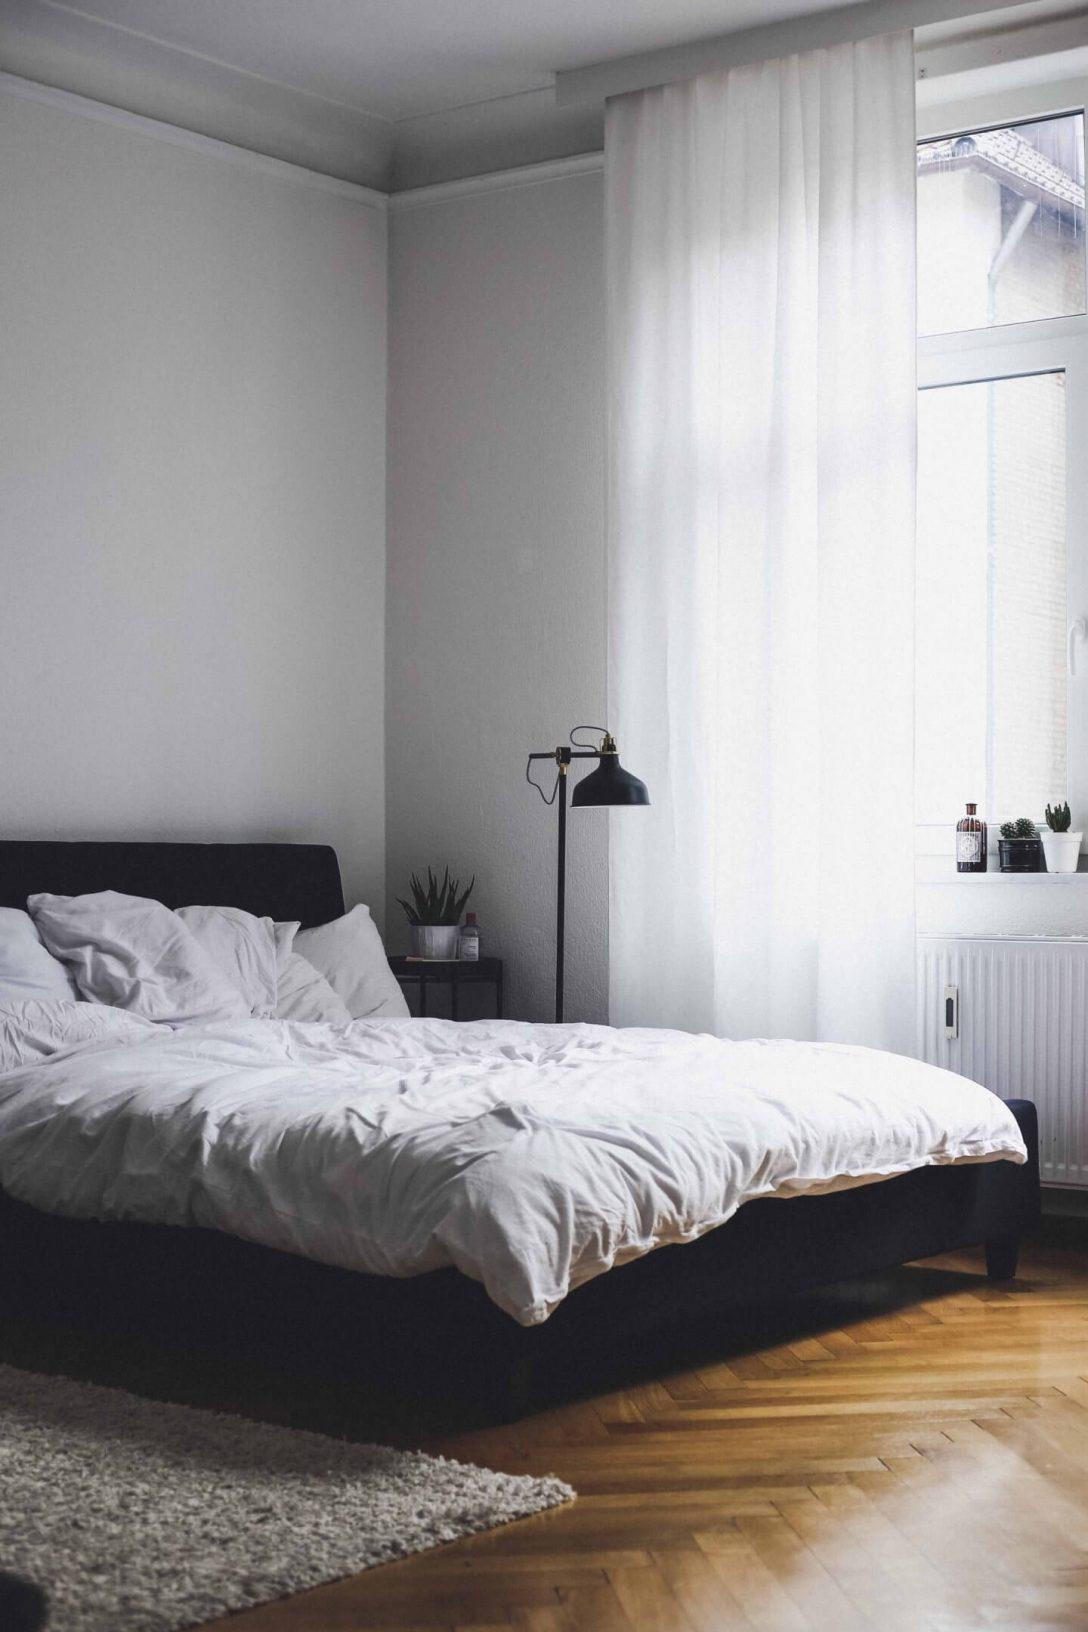 Large Size of Bett Wand Mit Bettkasten 90x200 Weißes 160x200 Betten Stauraum Trends Matratze Selber Bauen 180x200 Weiße Ohne Kopfteil 140x220 Bei Ikea Rauch Schlafzimmer Bett Bett Schlicht